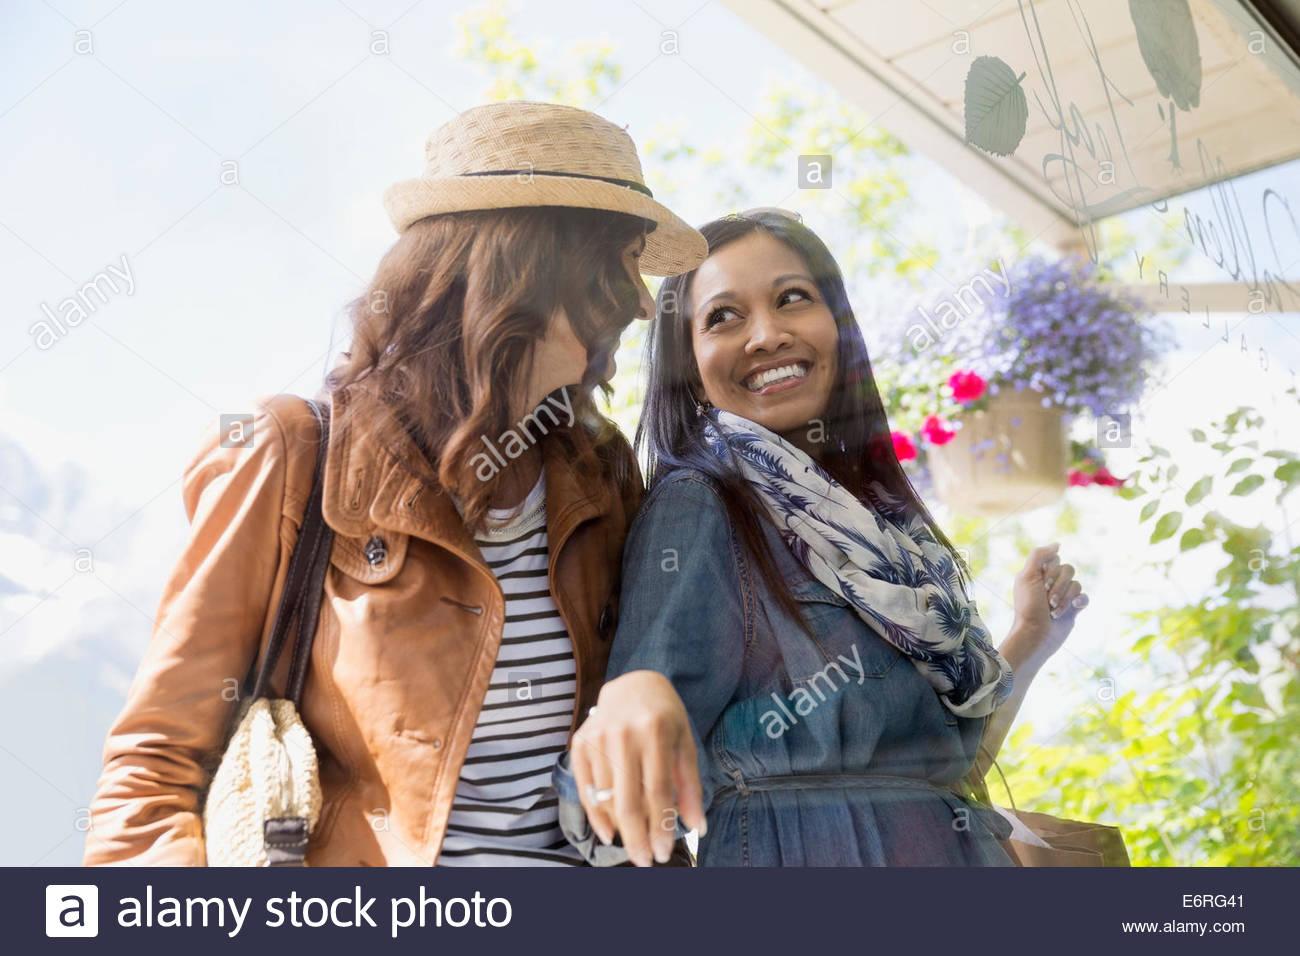 Las mujeres de escaparates en la calle de la aldea Imagen De Stock